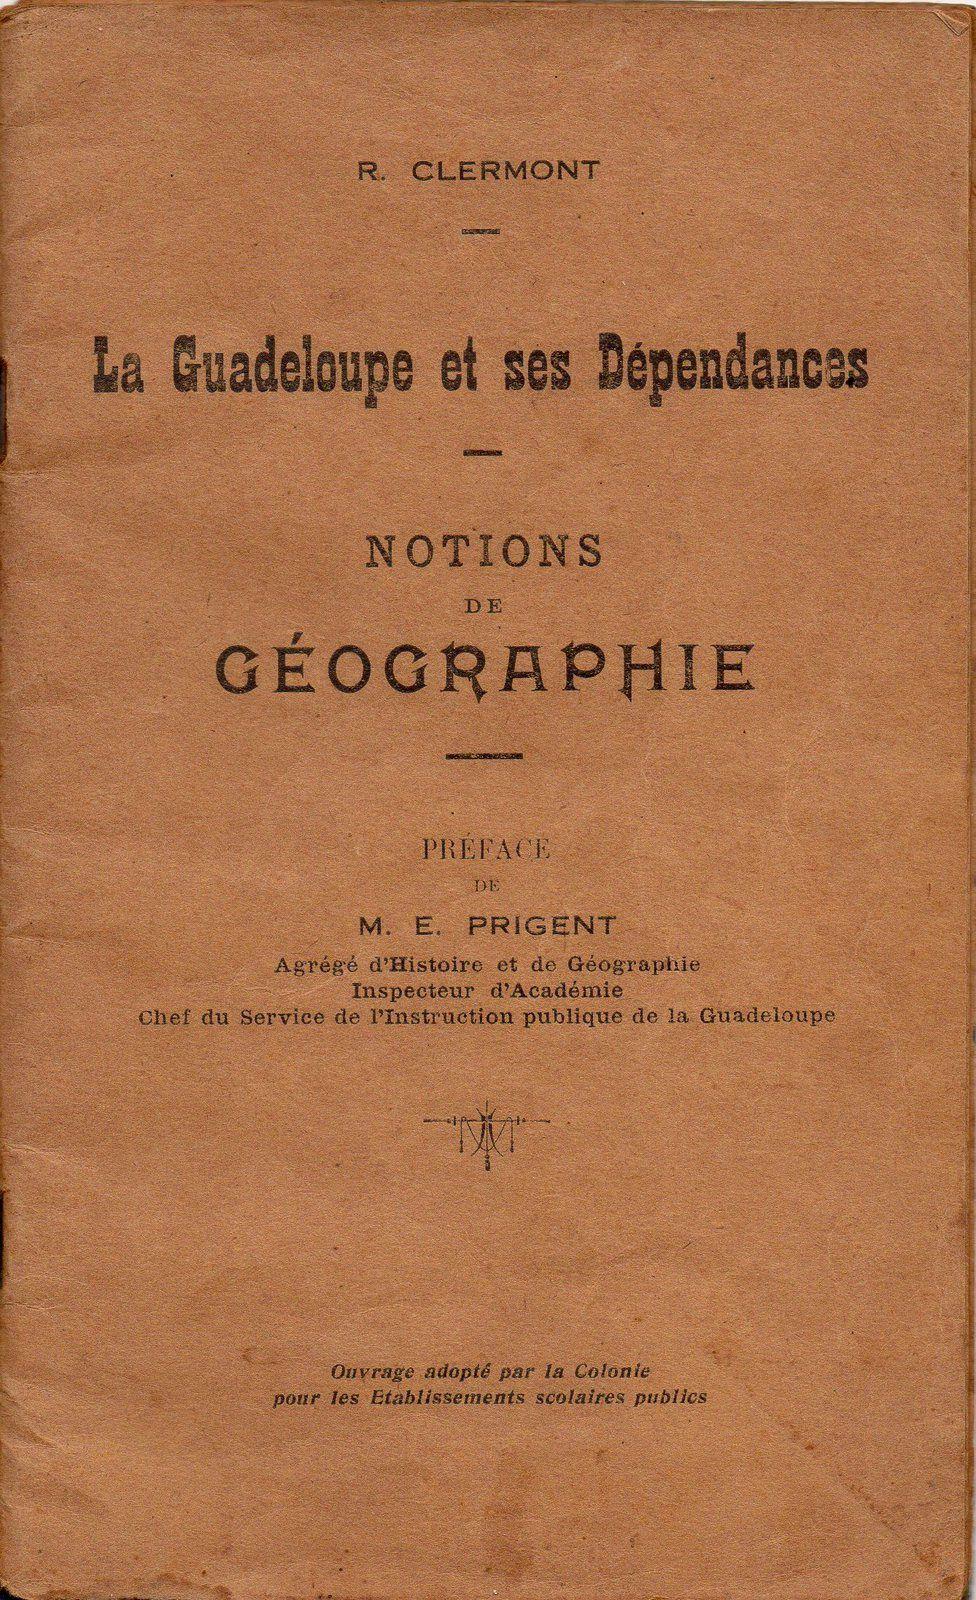 Guadeloupe et écologie. ( pour les amoureux de Karukéra ).